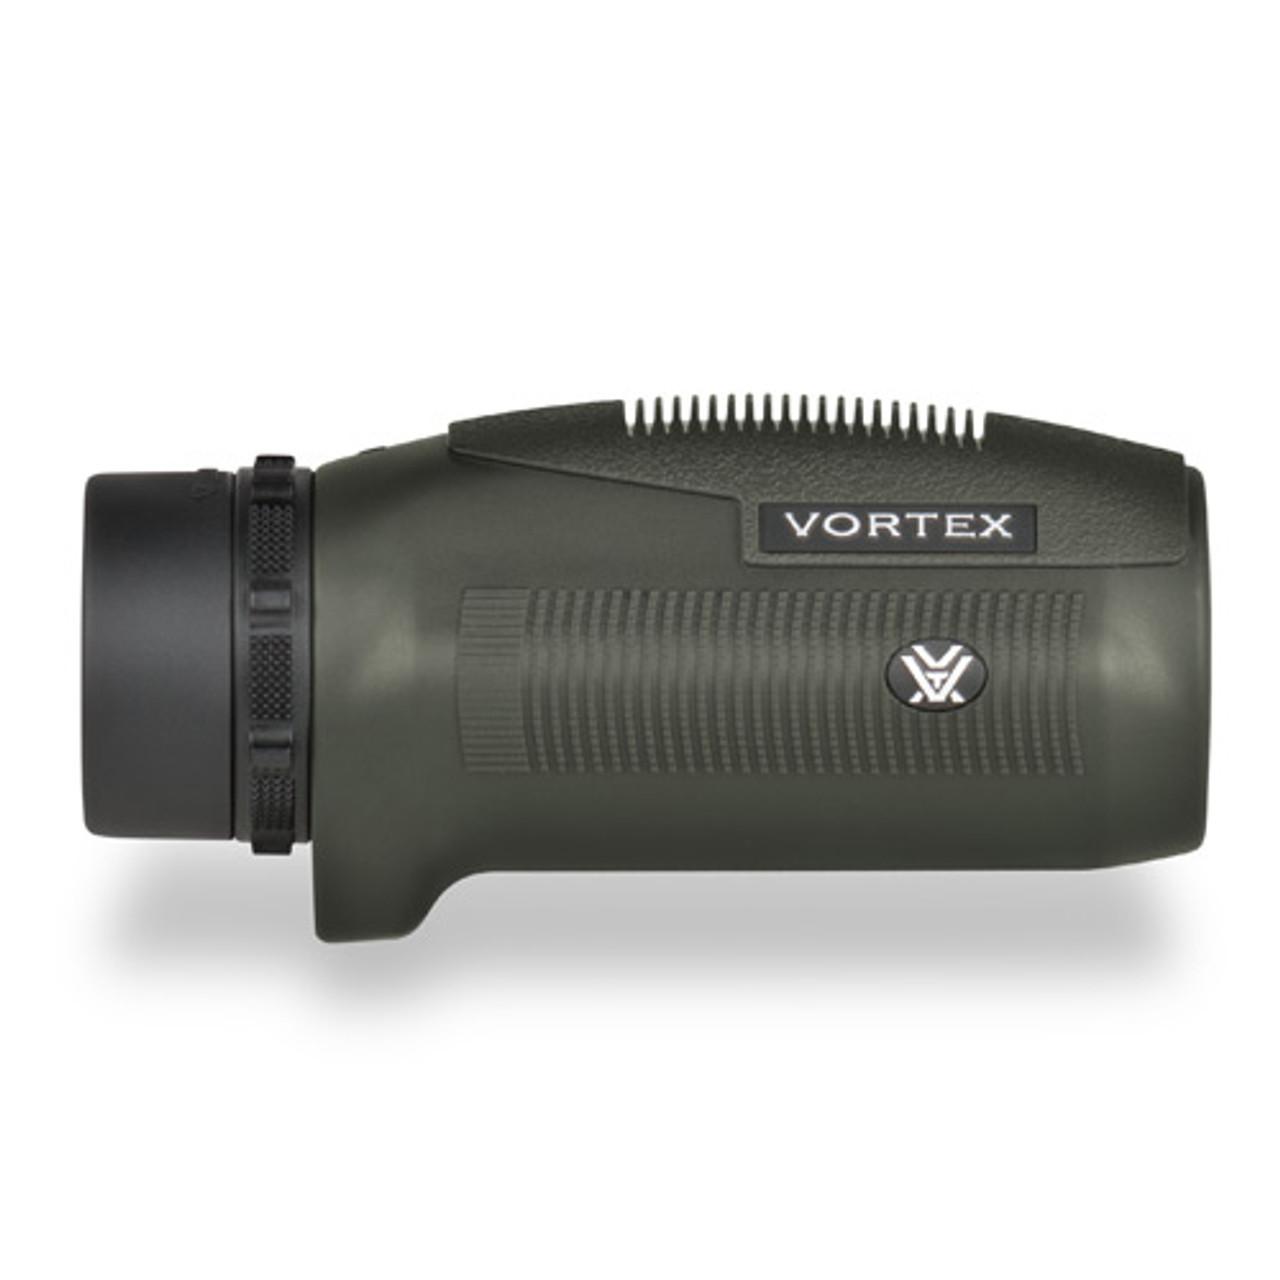 Monocular Vortex Solo 10X36 Waterproof